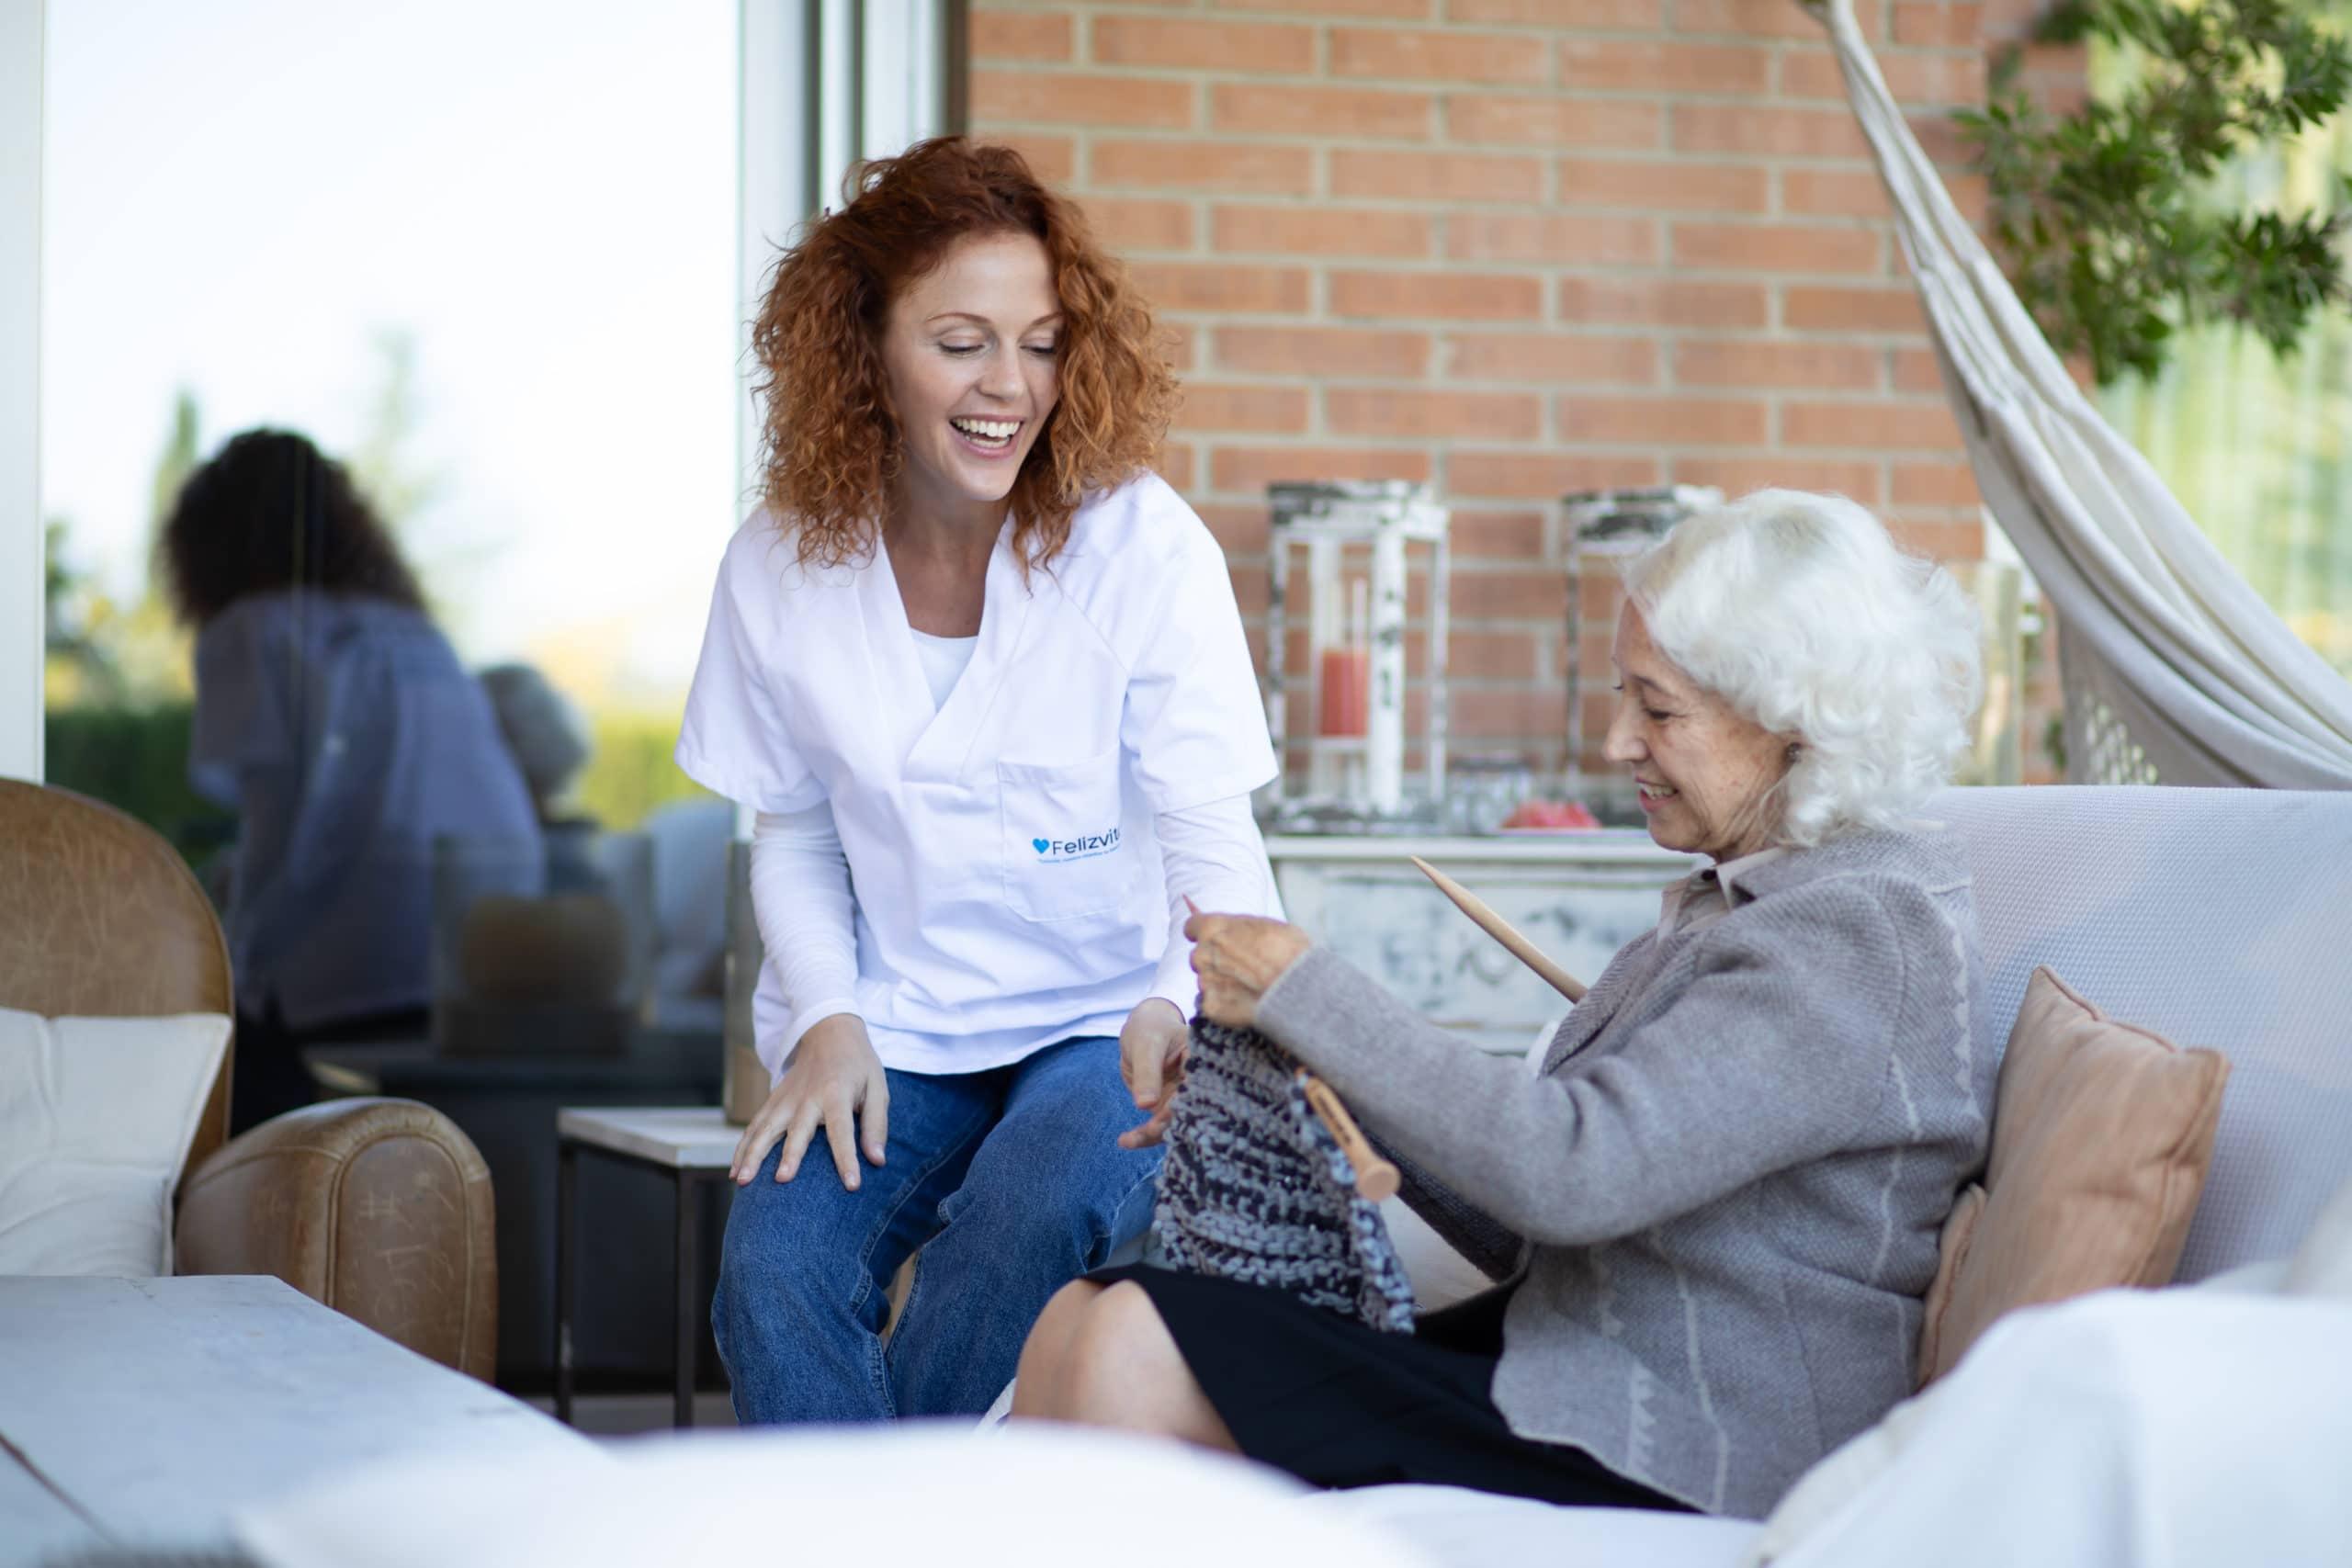 Cuidadora interna de felizvita dando un servicio